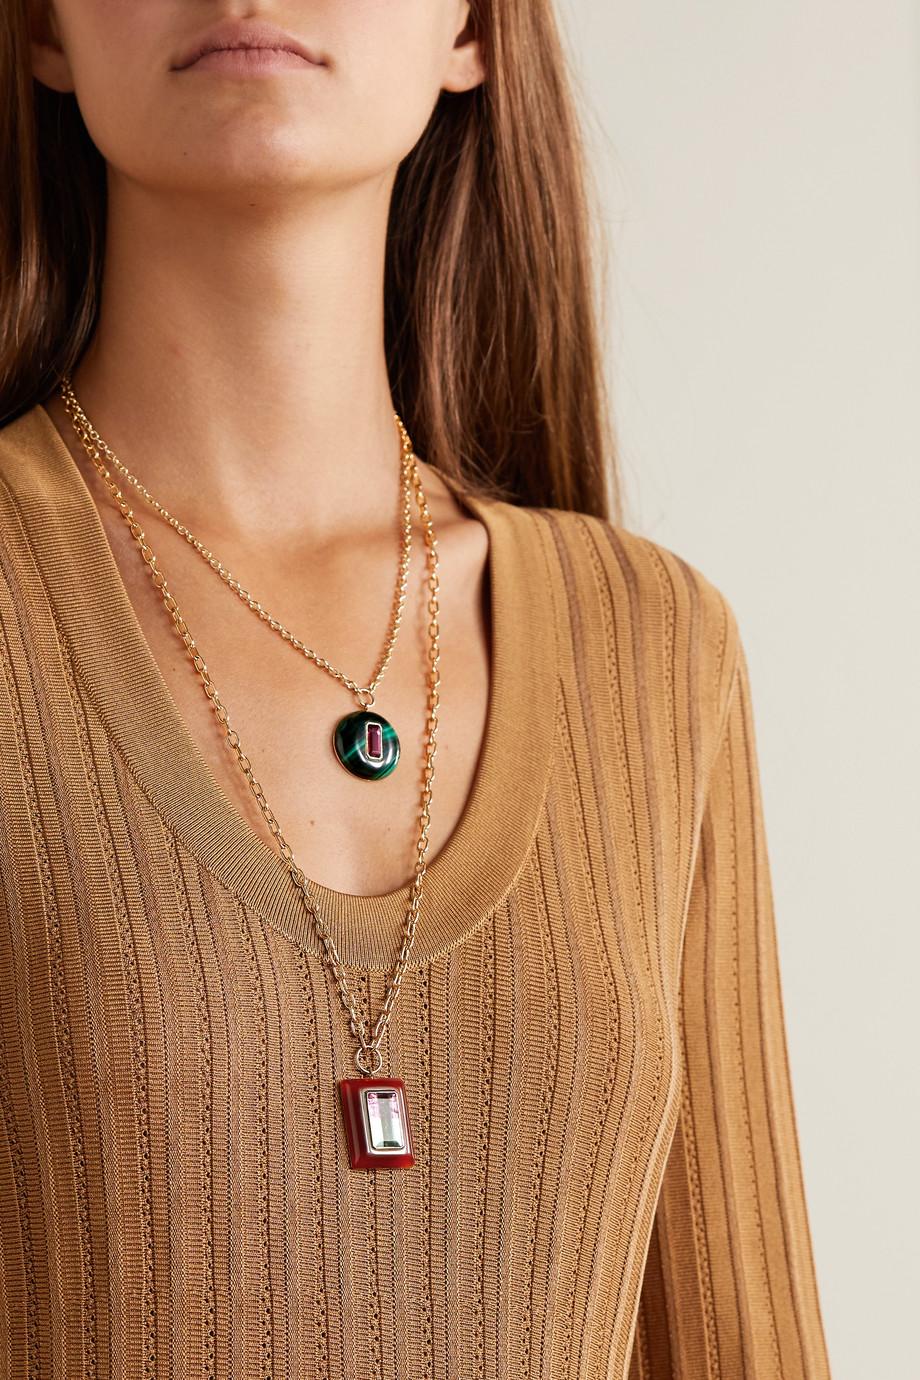 Retrouvaí Lollipop 14-karat gold, carnelian and tourmaline necklace